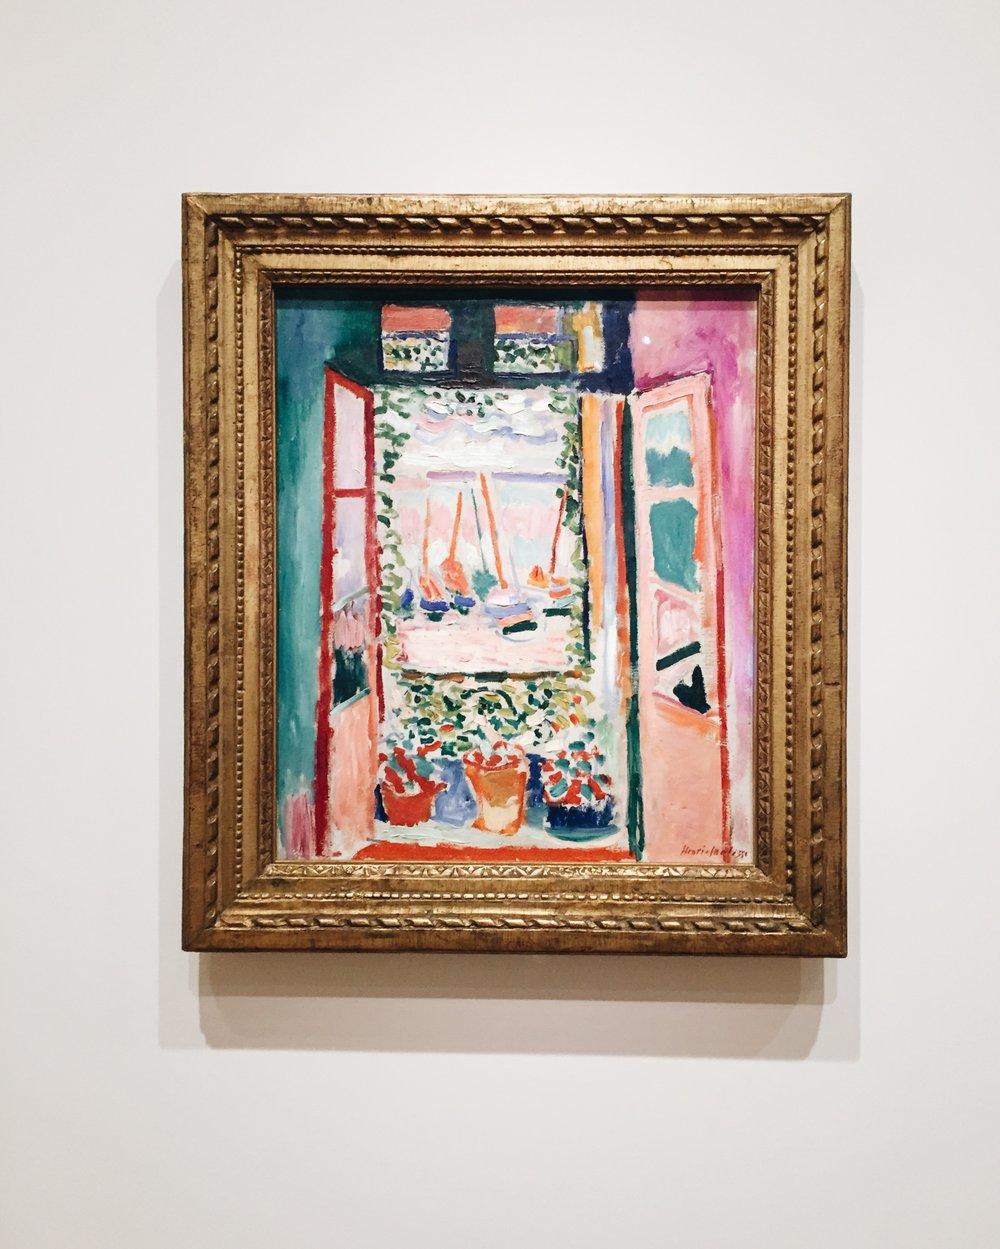 Henri Matisse, Open Window, Collioure